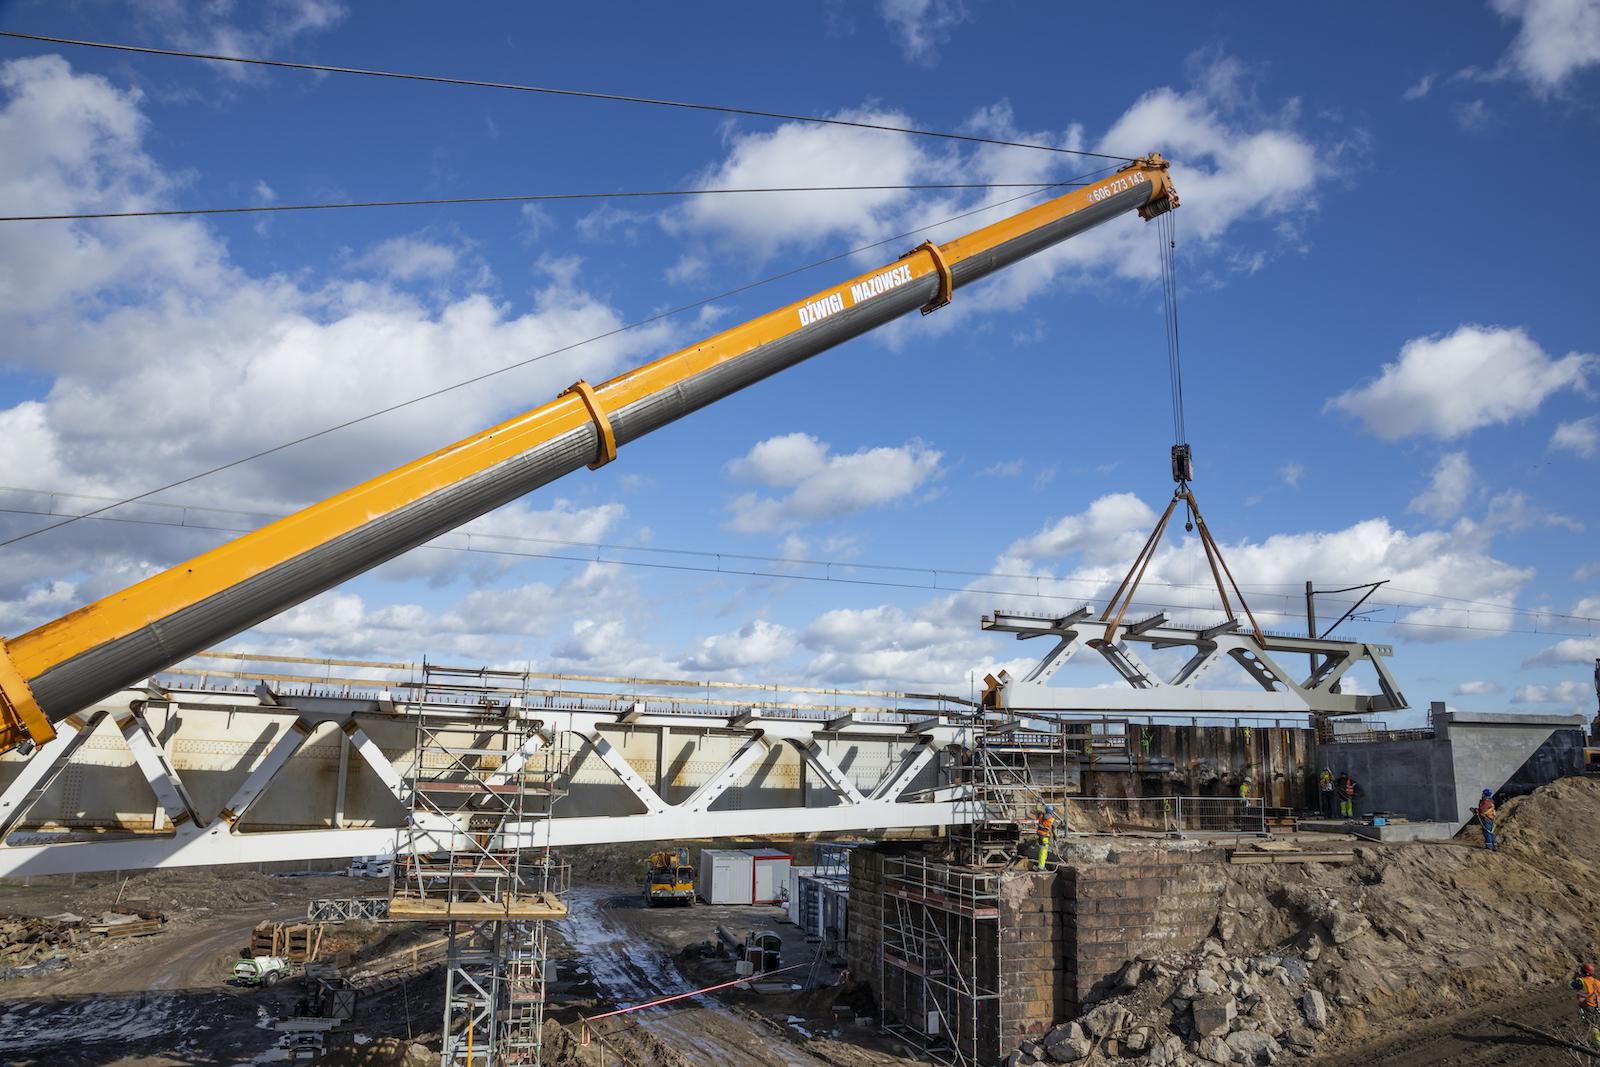 Zdjęcie przedstawia prace przy moście nad rzeką Wartą we Wronkach, które miały miejsce w marcu 2020 roku.